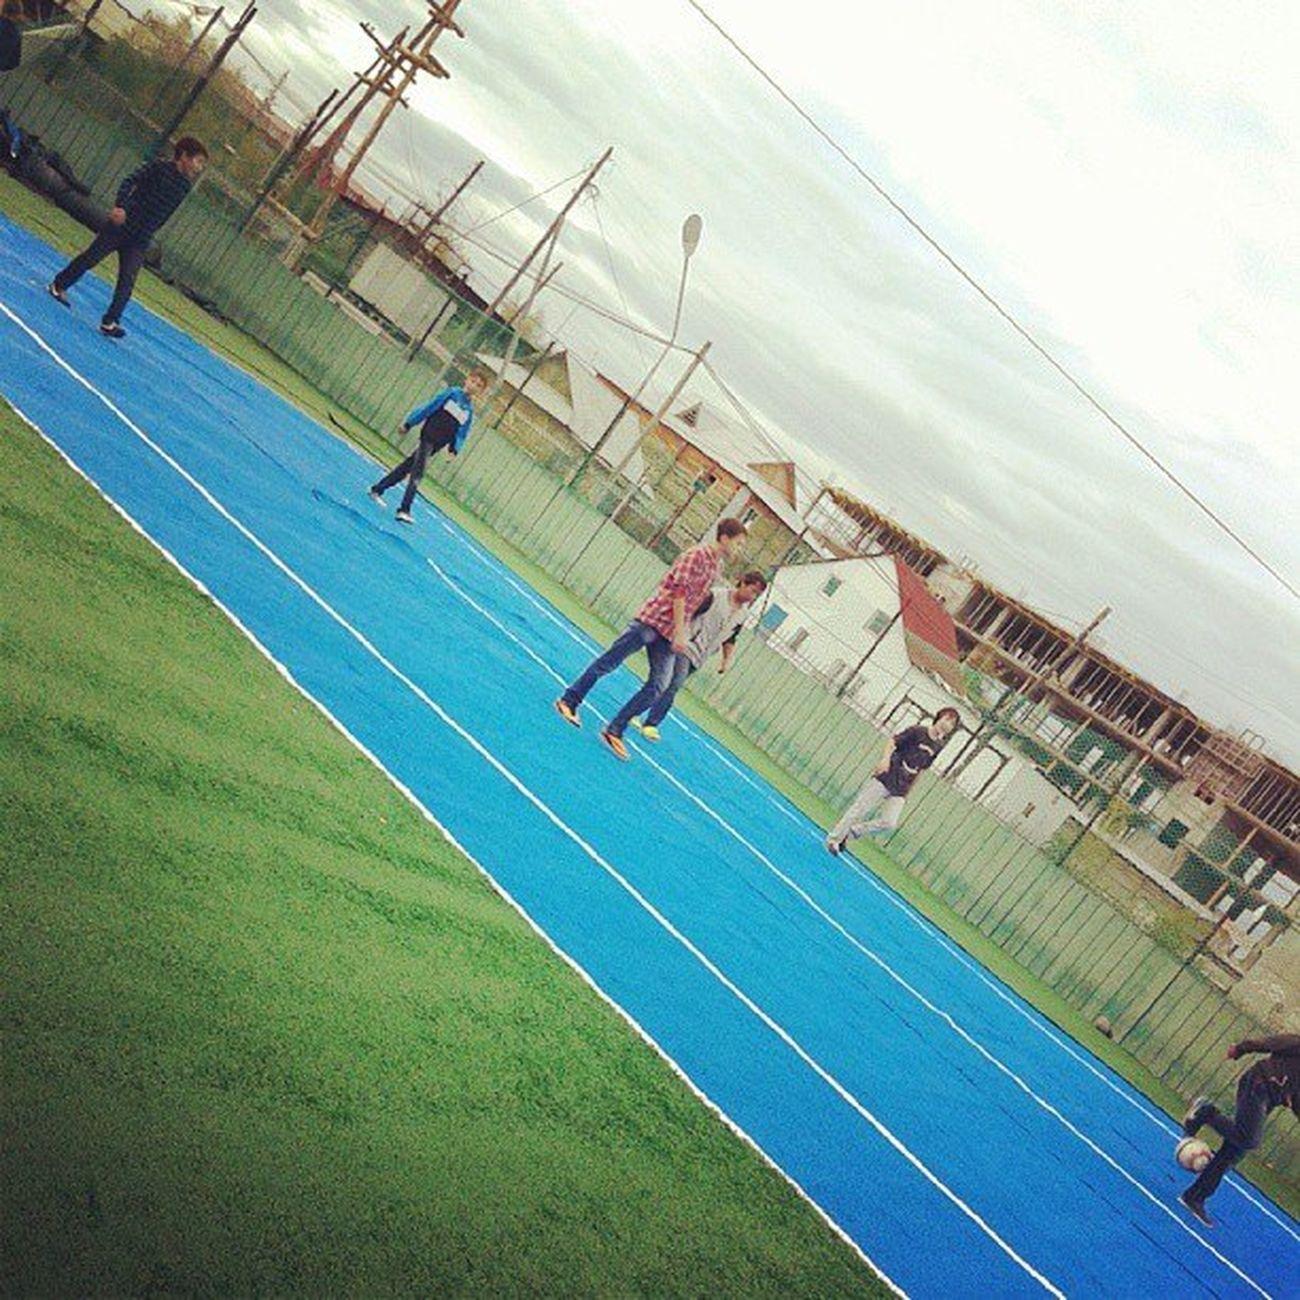 Лето 2013. Футбольное поле